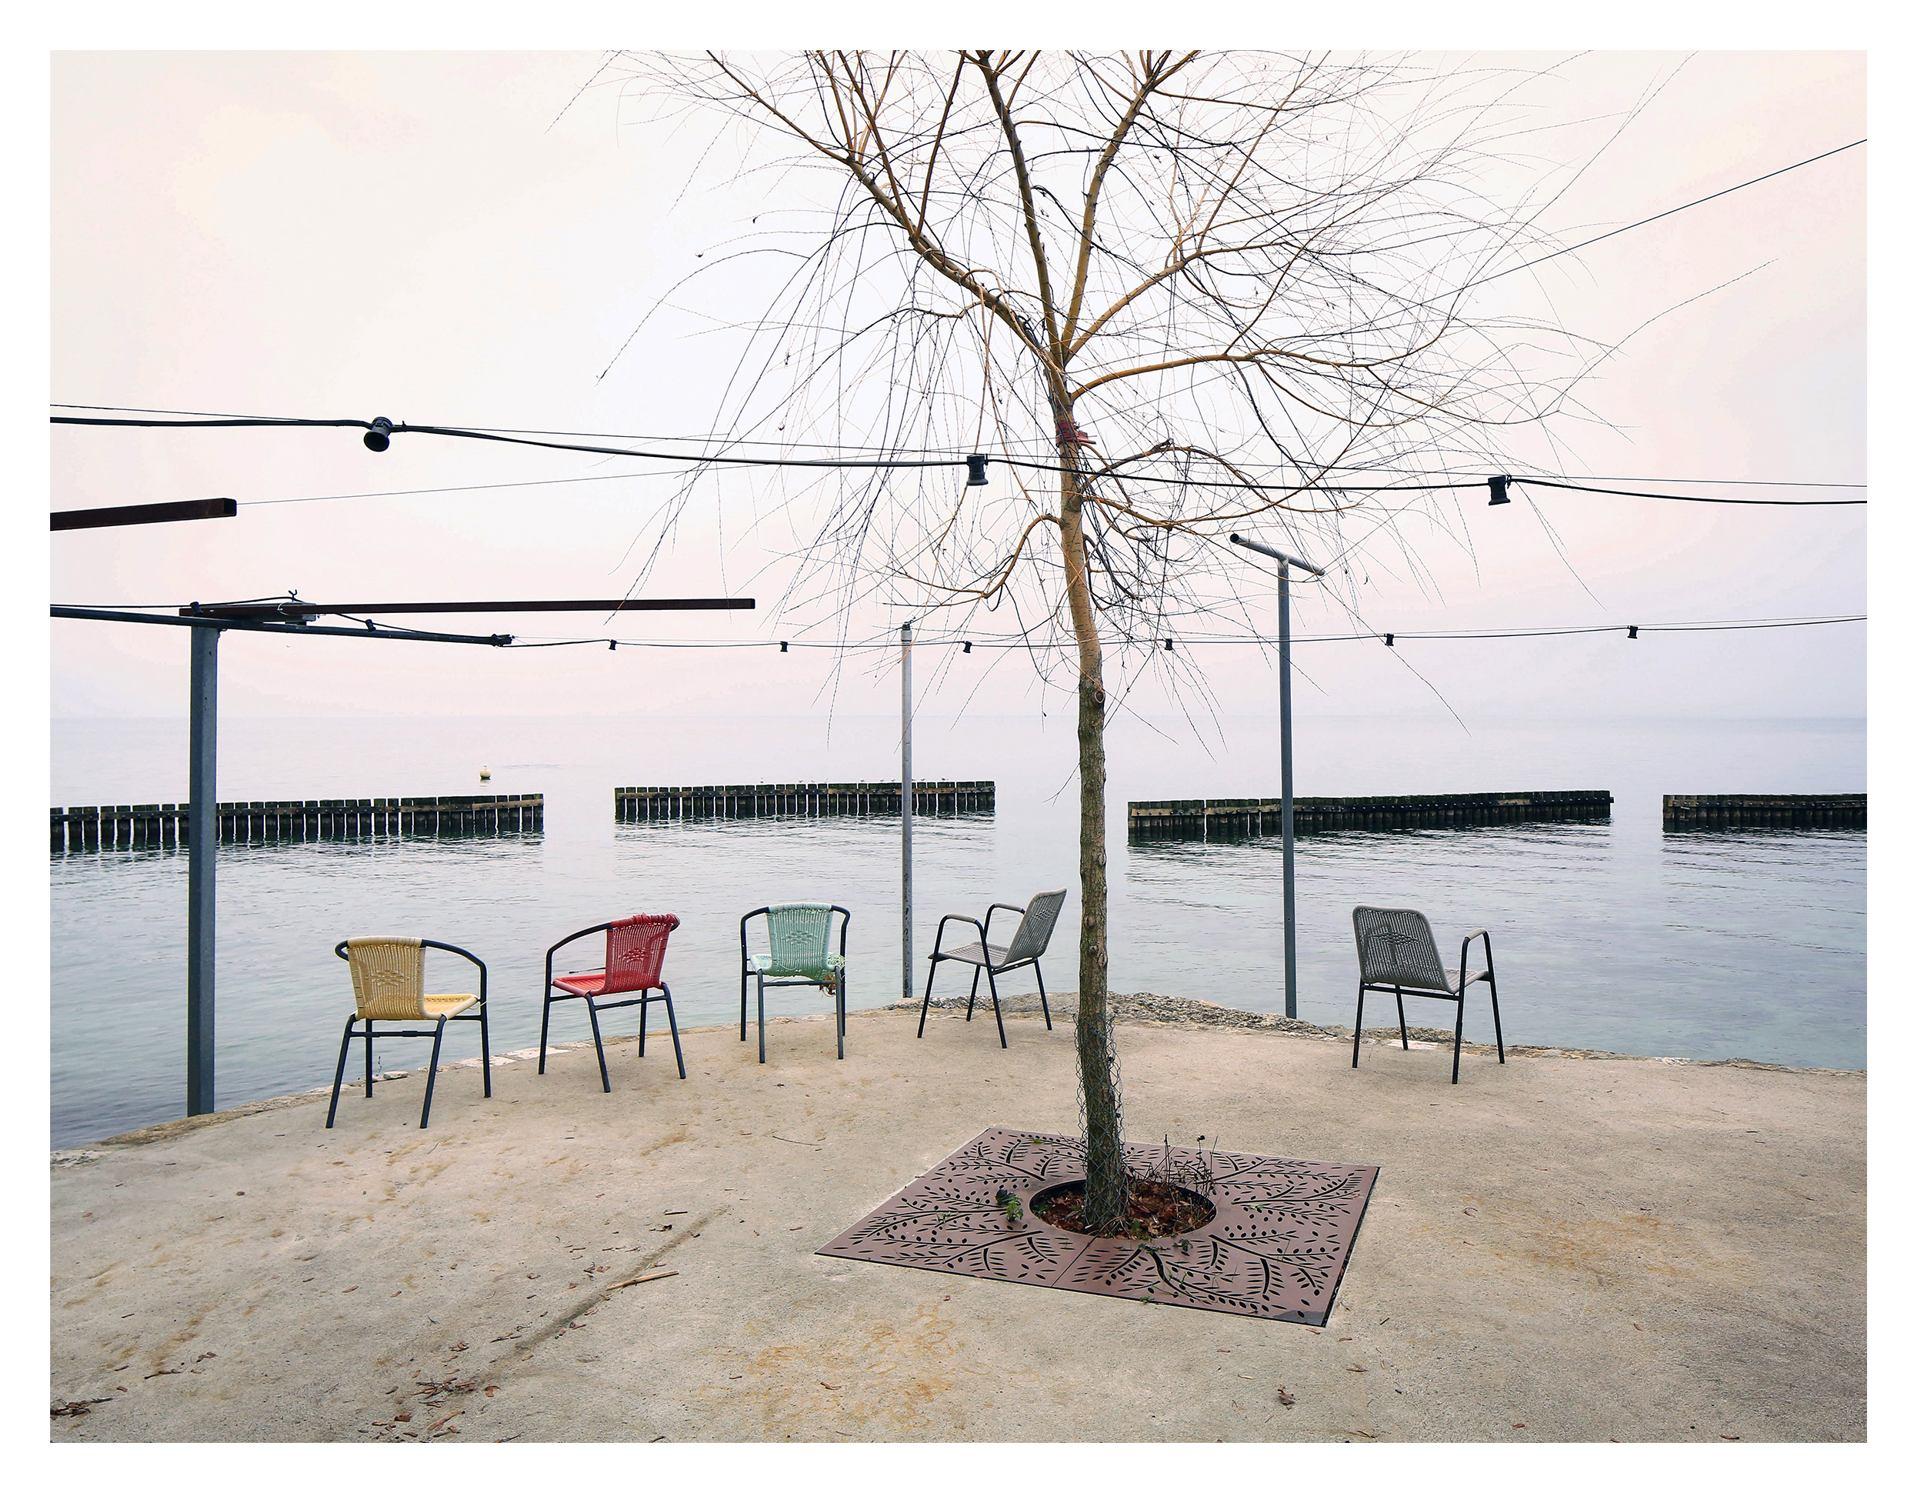 Boudry - Les chaises